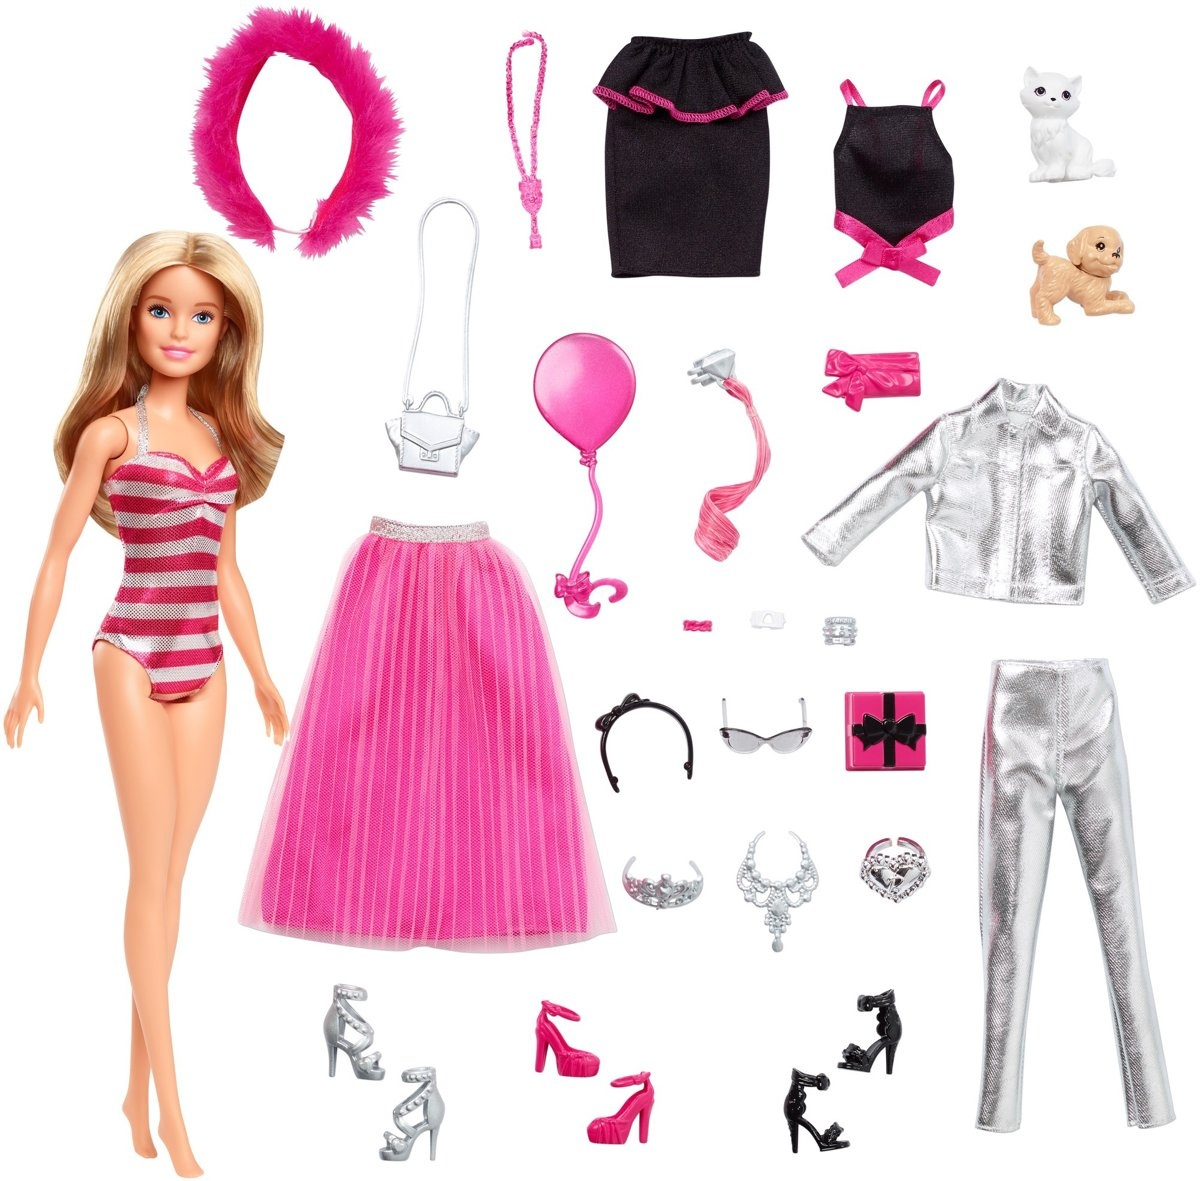 Weihnachtskalender 2019 Mädchen.Barbie Adventskalender 2019 Mädchen Rosa 24 Teilig Internet Toys